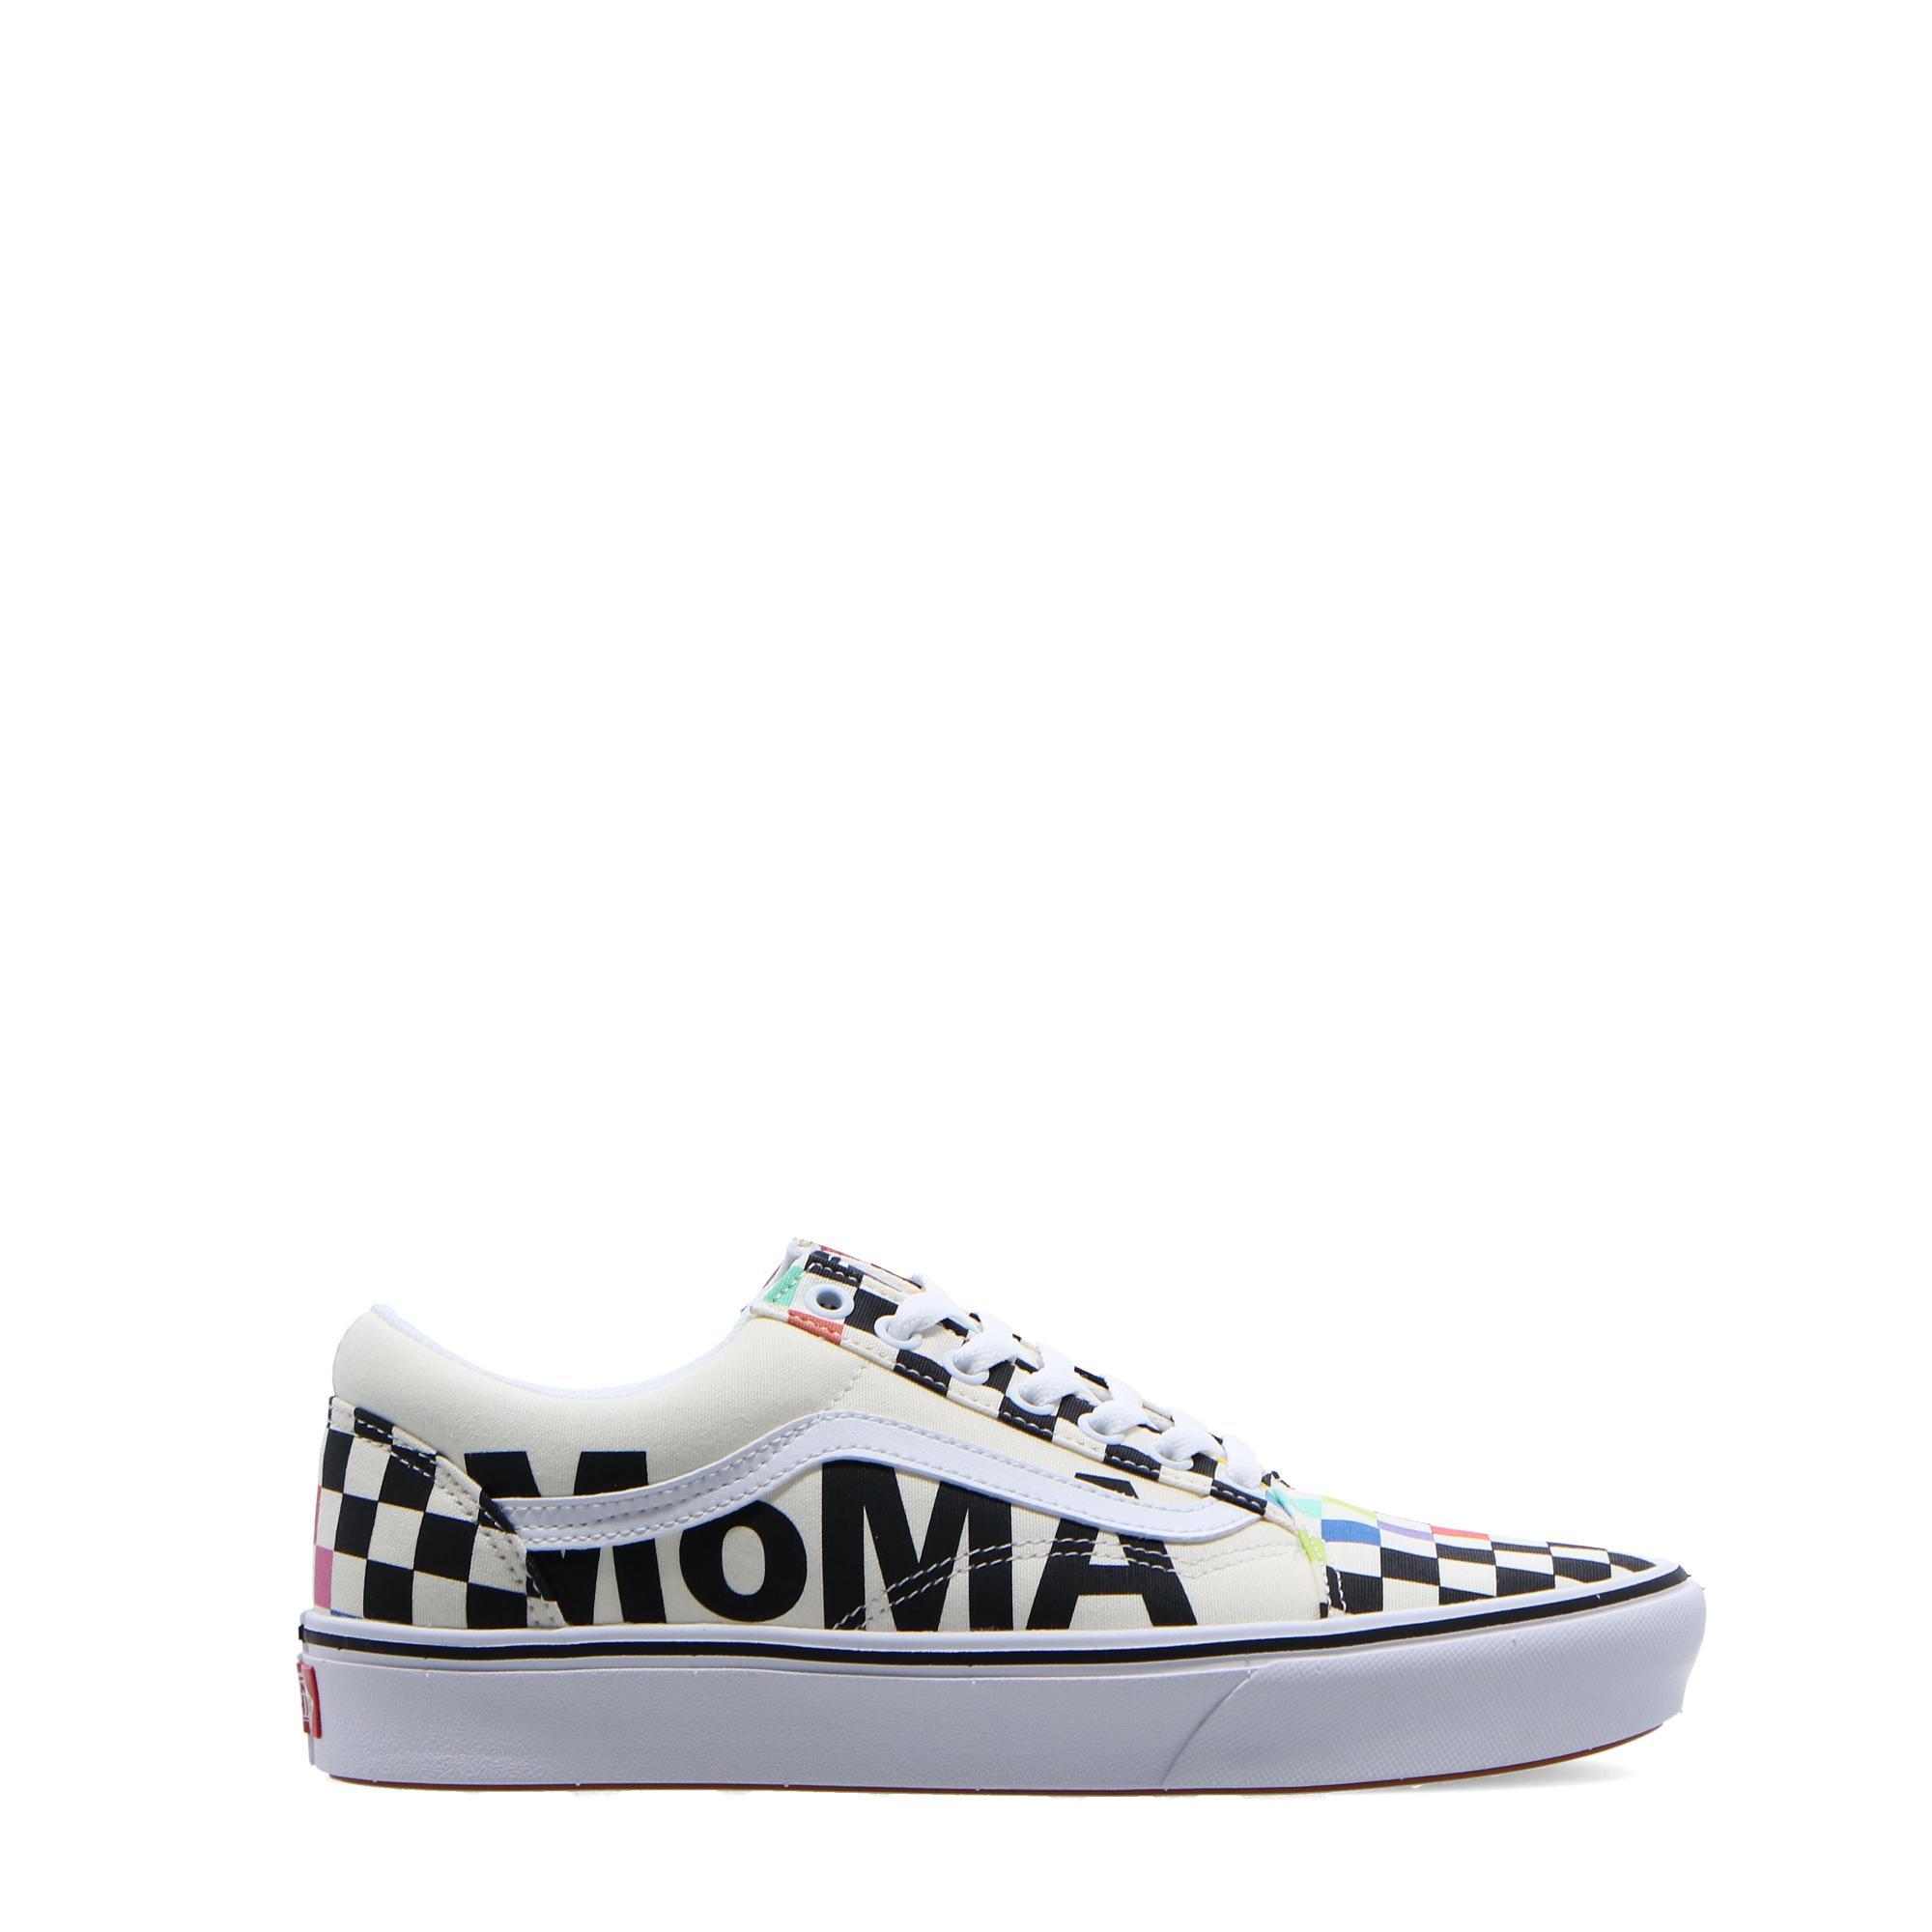 Vans Ua Comfycush Old Skool Moma brand